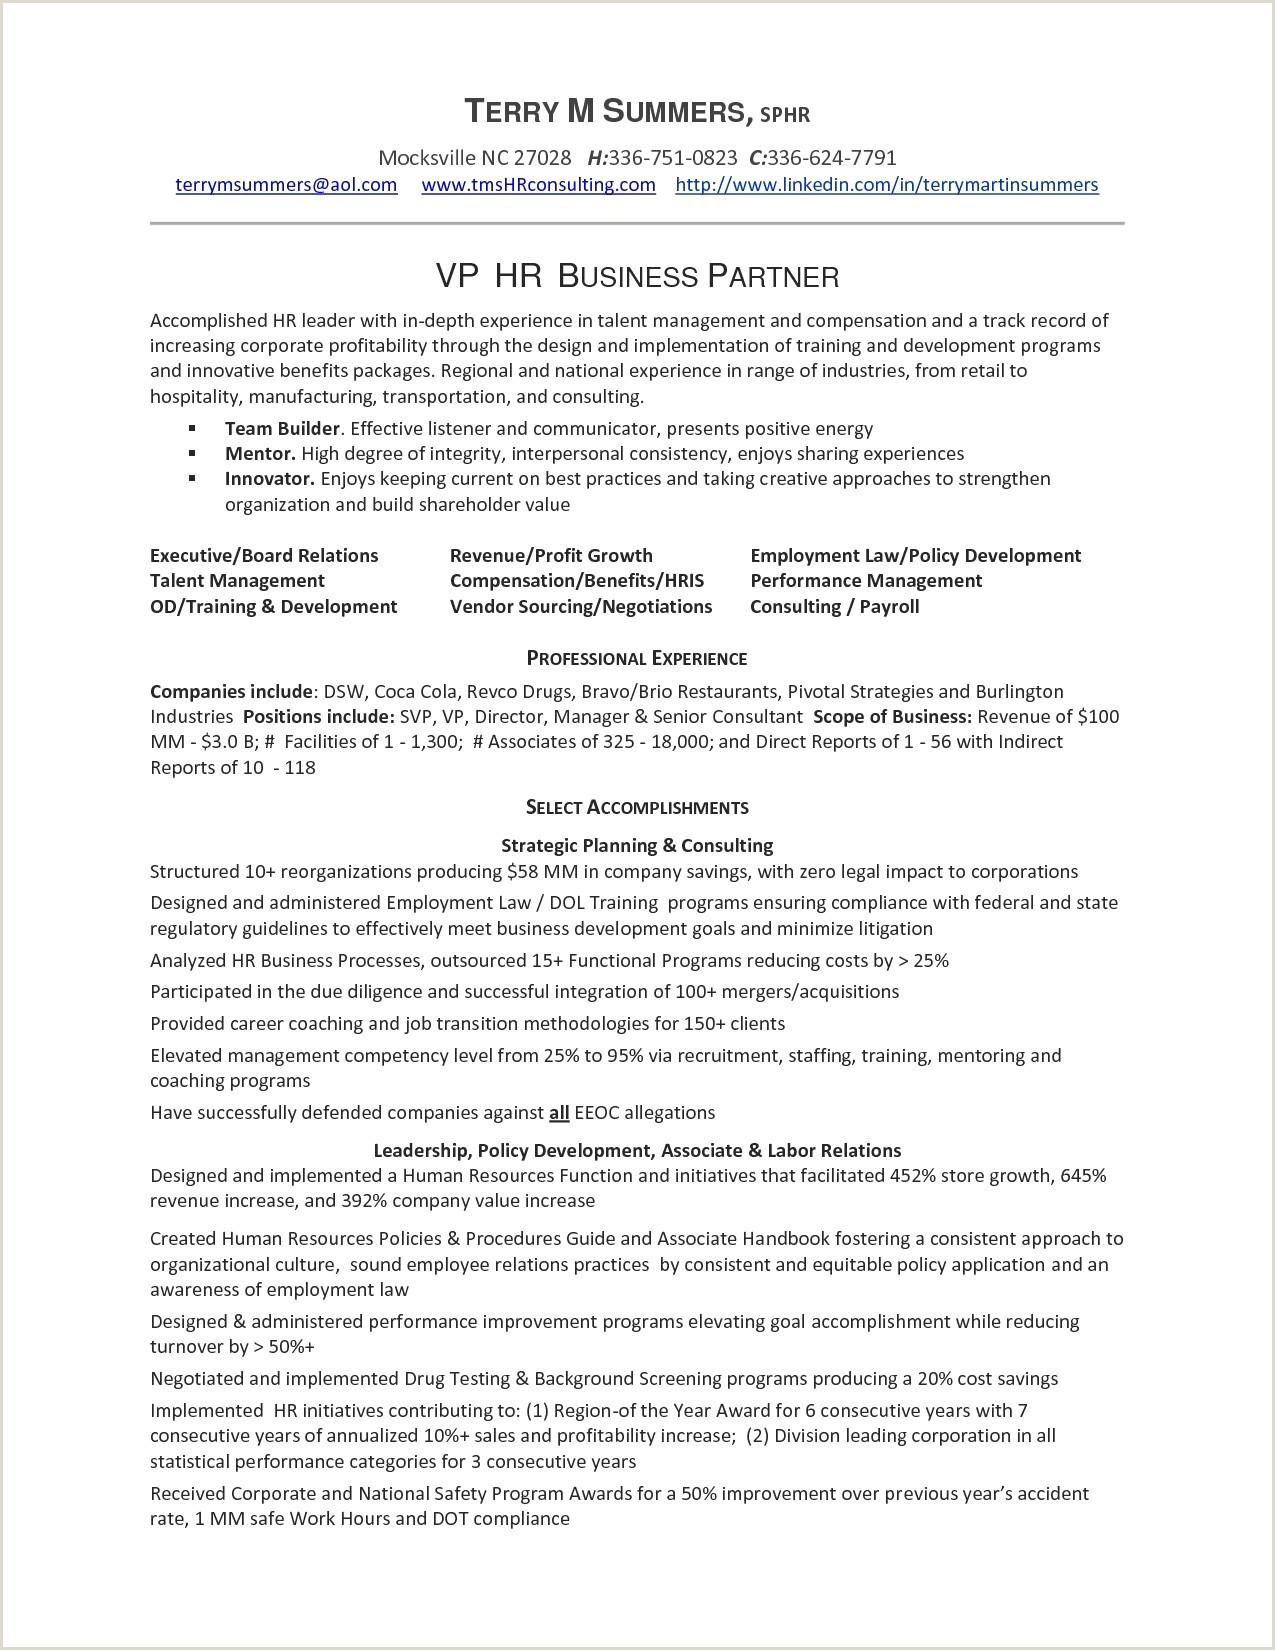 Unique Real Estate Consultant Resume